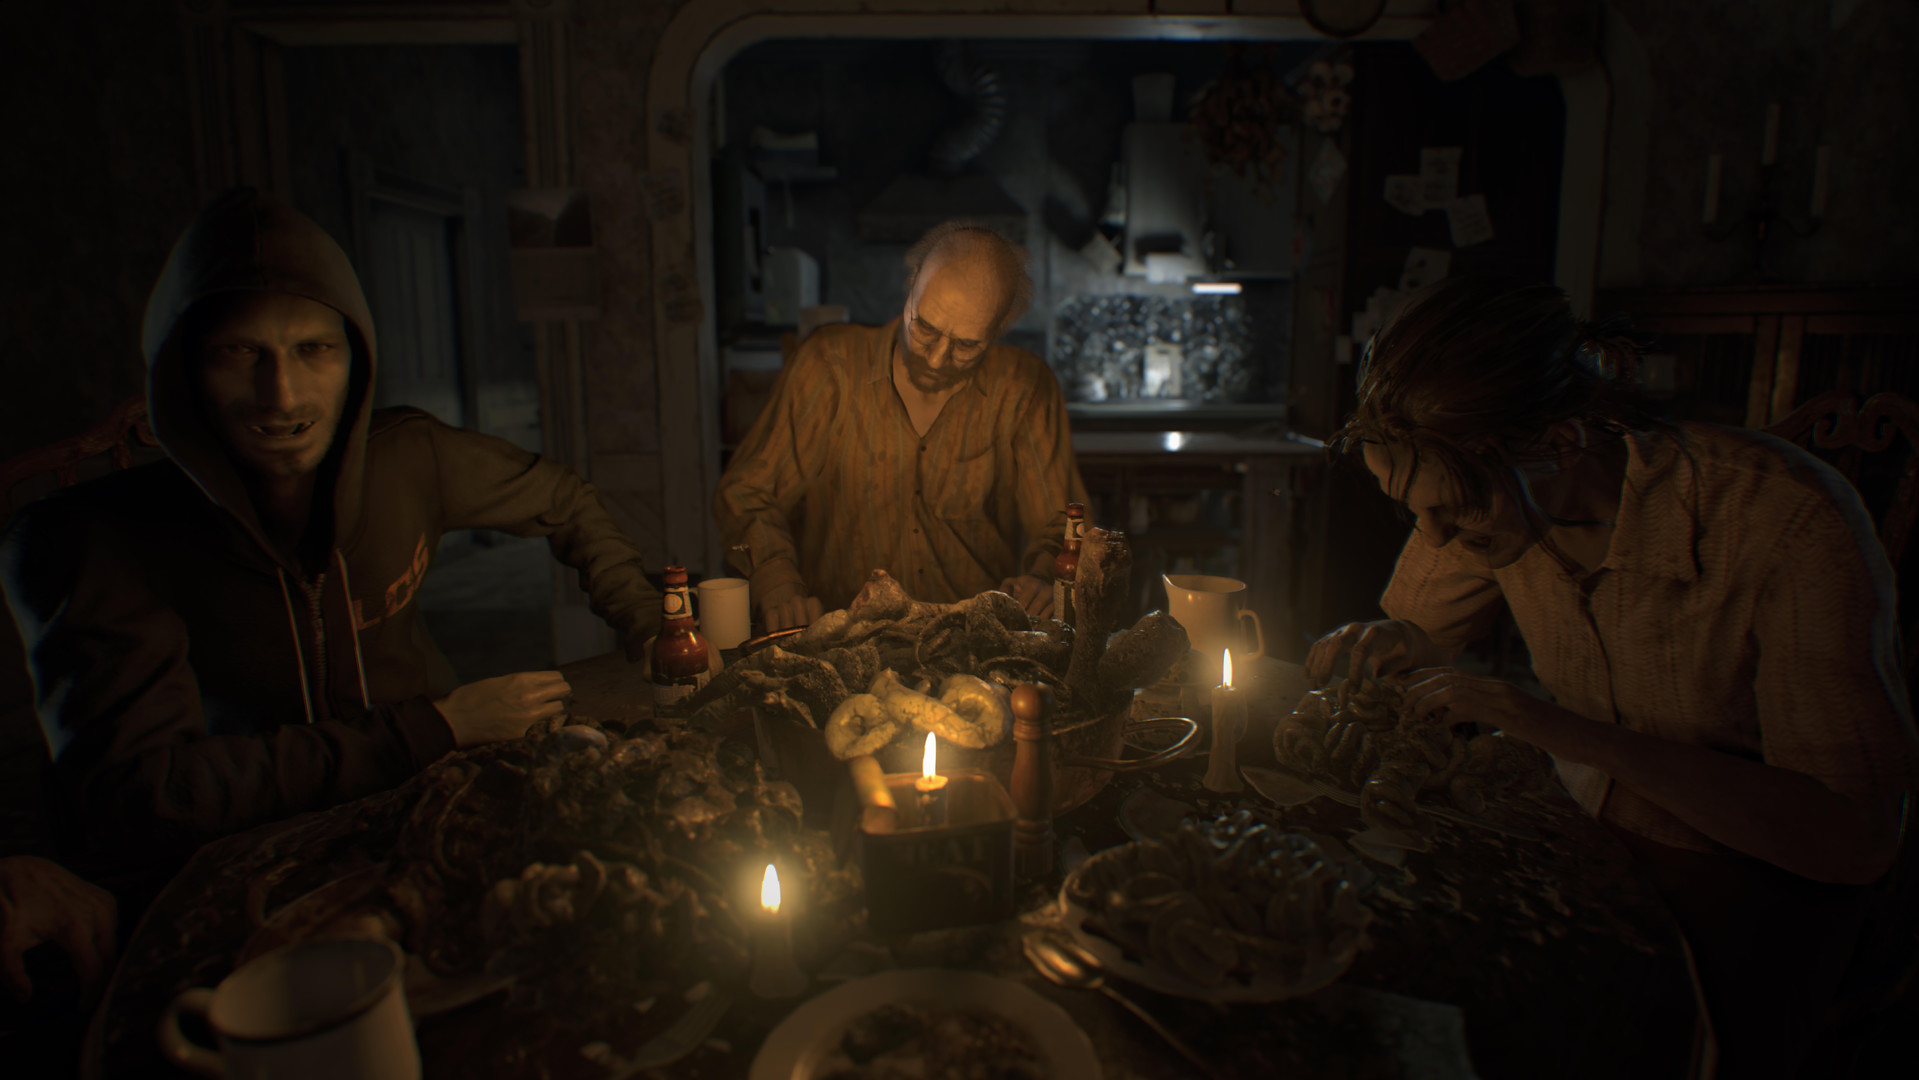 Diese Szene mit der Baker-Familie weckt sofort Erinnerungen an The Texas Chainsaw Massacre